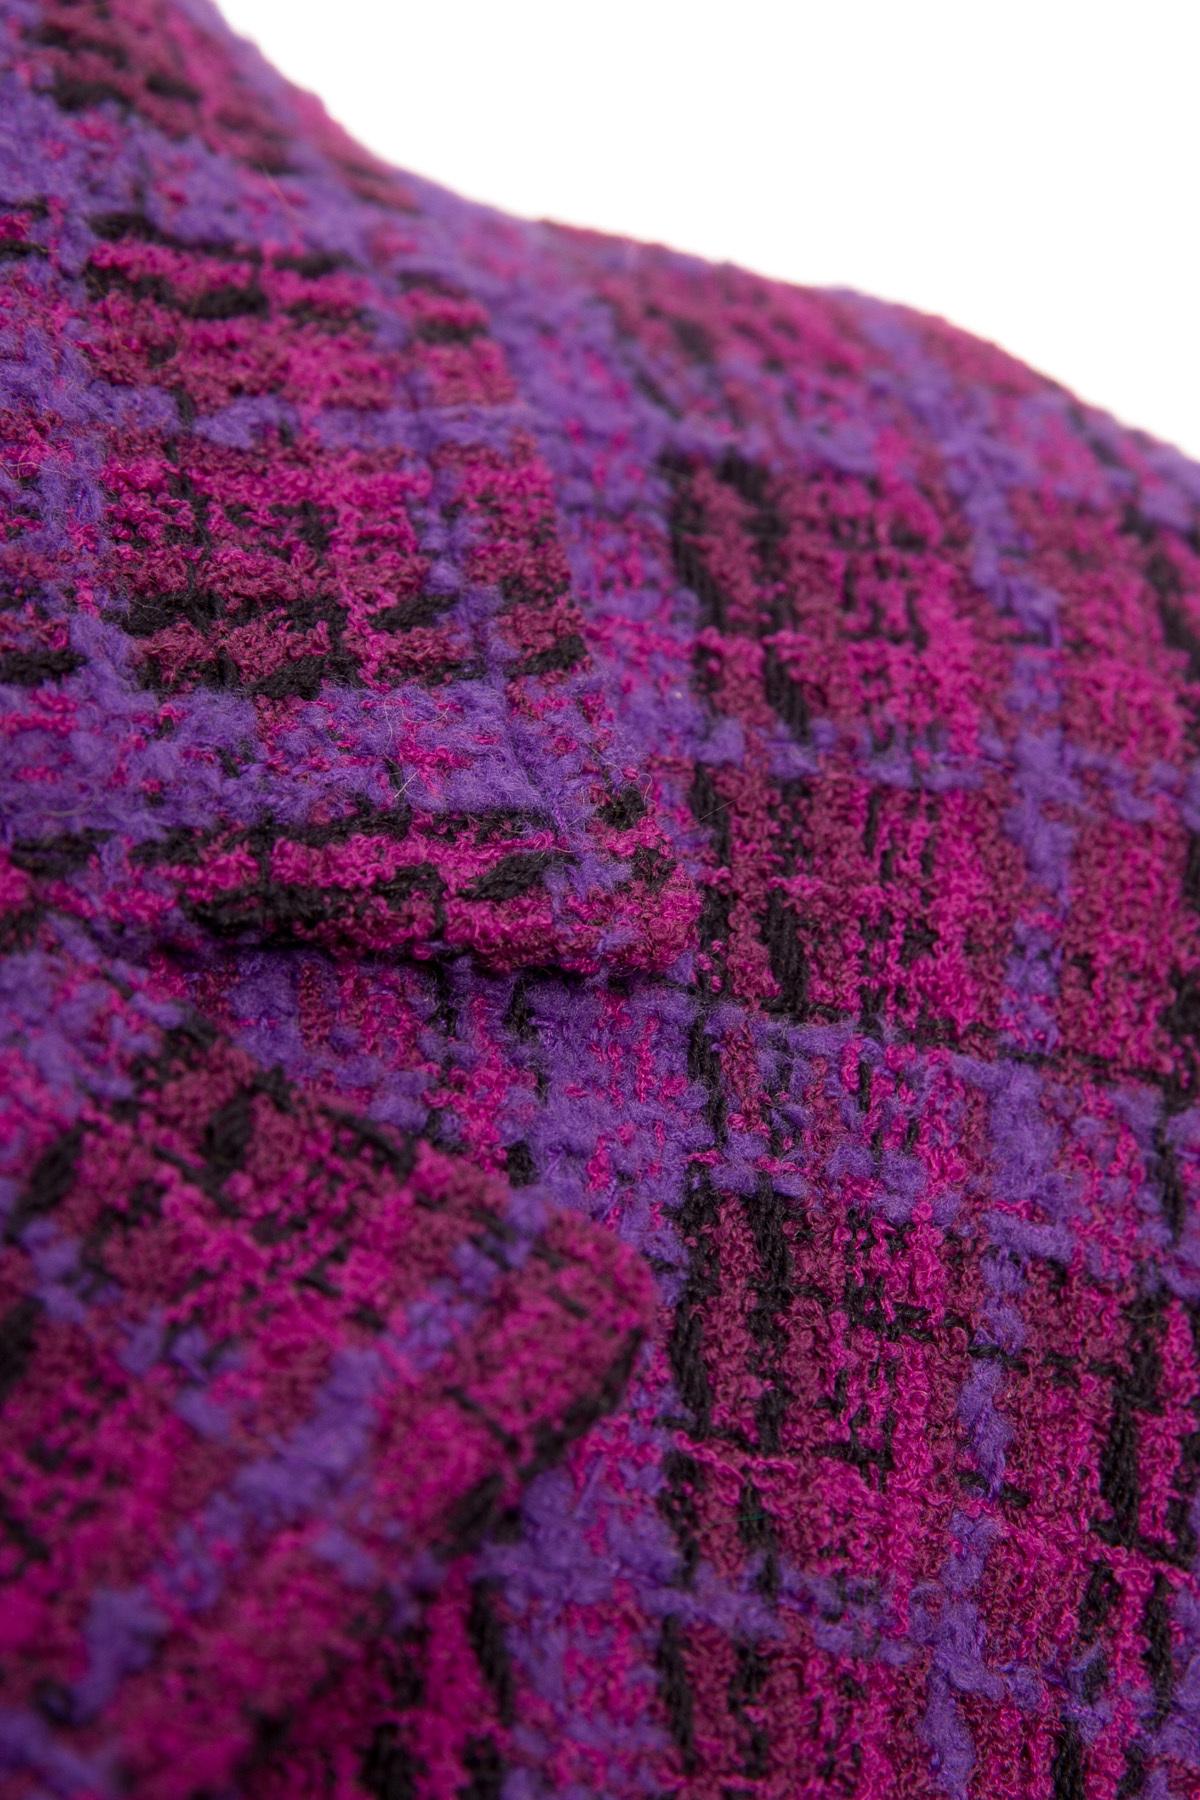 Удлиненный сиренево-фиолетовый твидовый жакет с поясом от Chanel, 42 размер